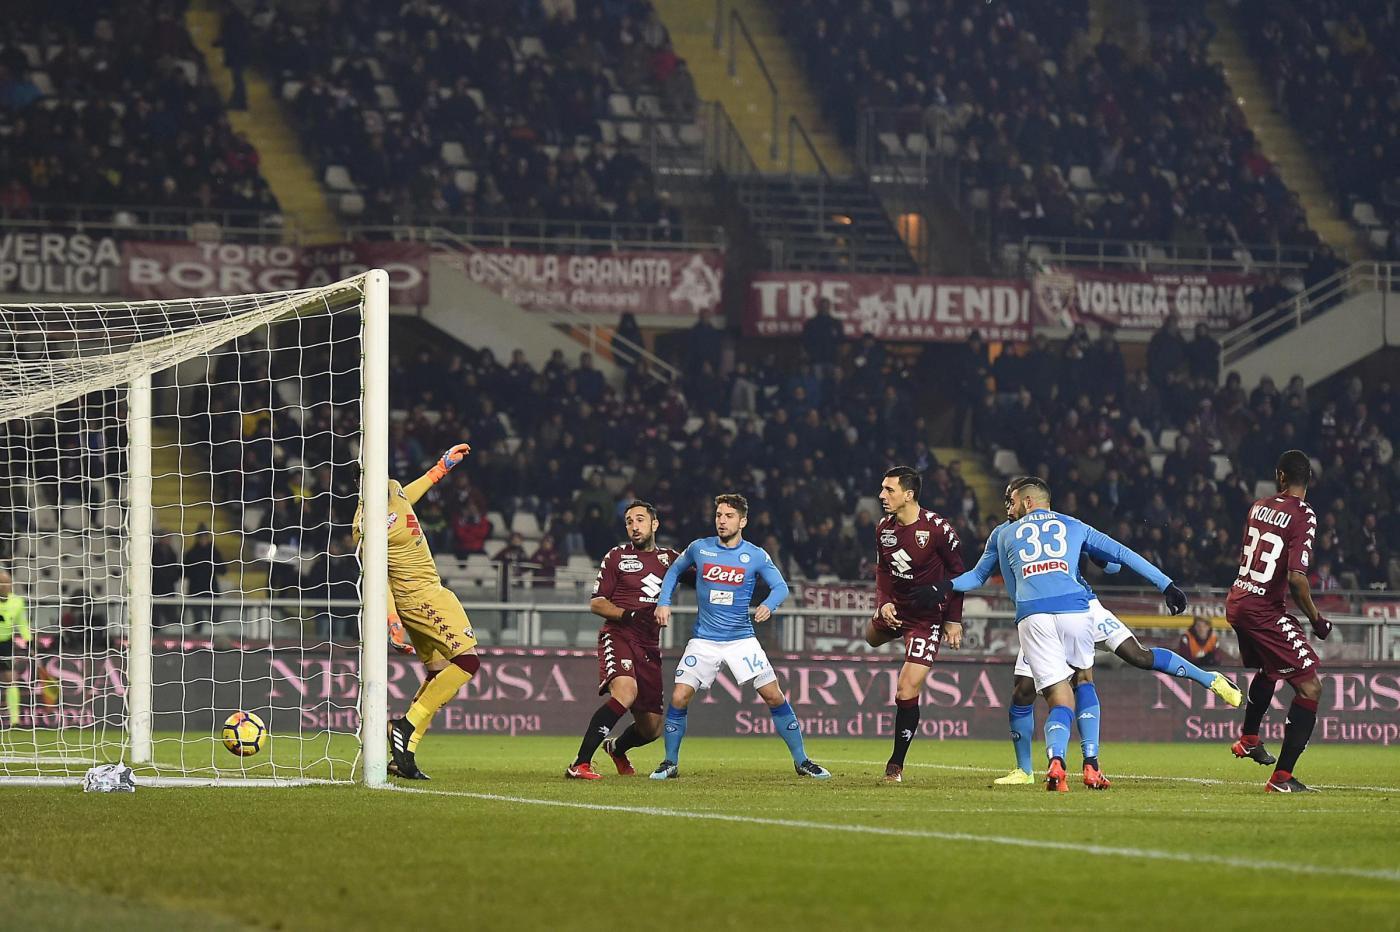 Serie A, Torino-Napoli 1-3: Sarri torna in testa alla classifica